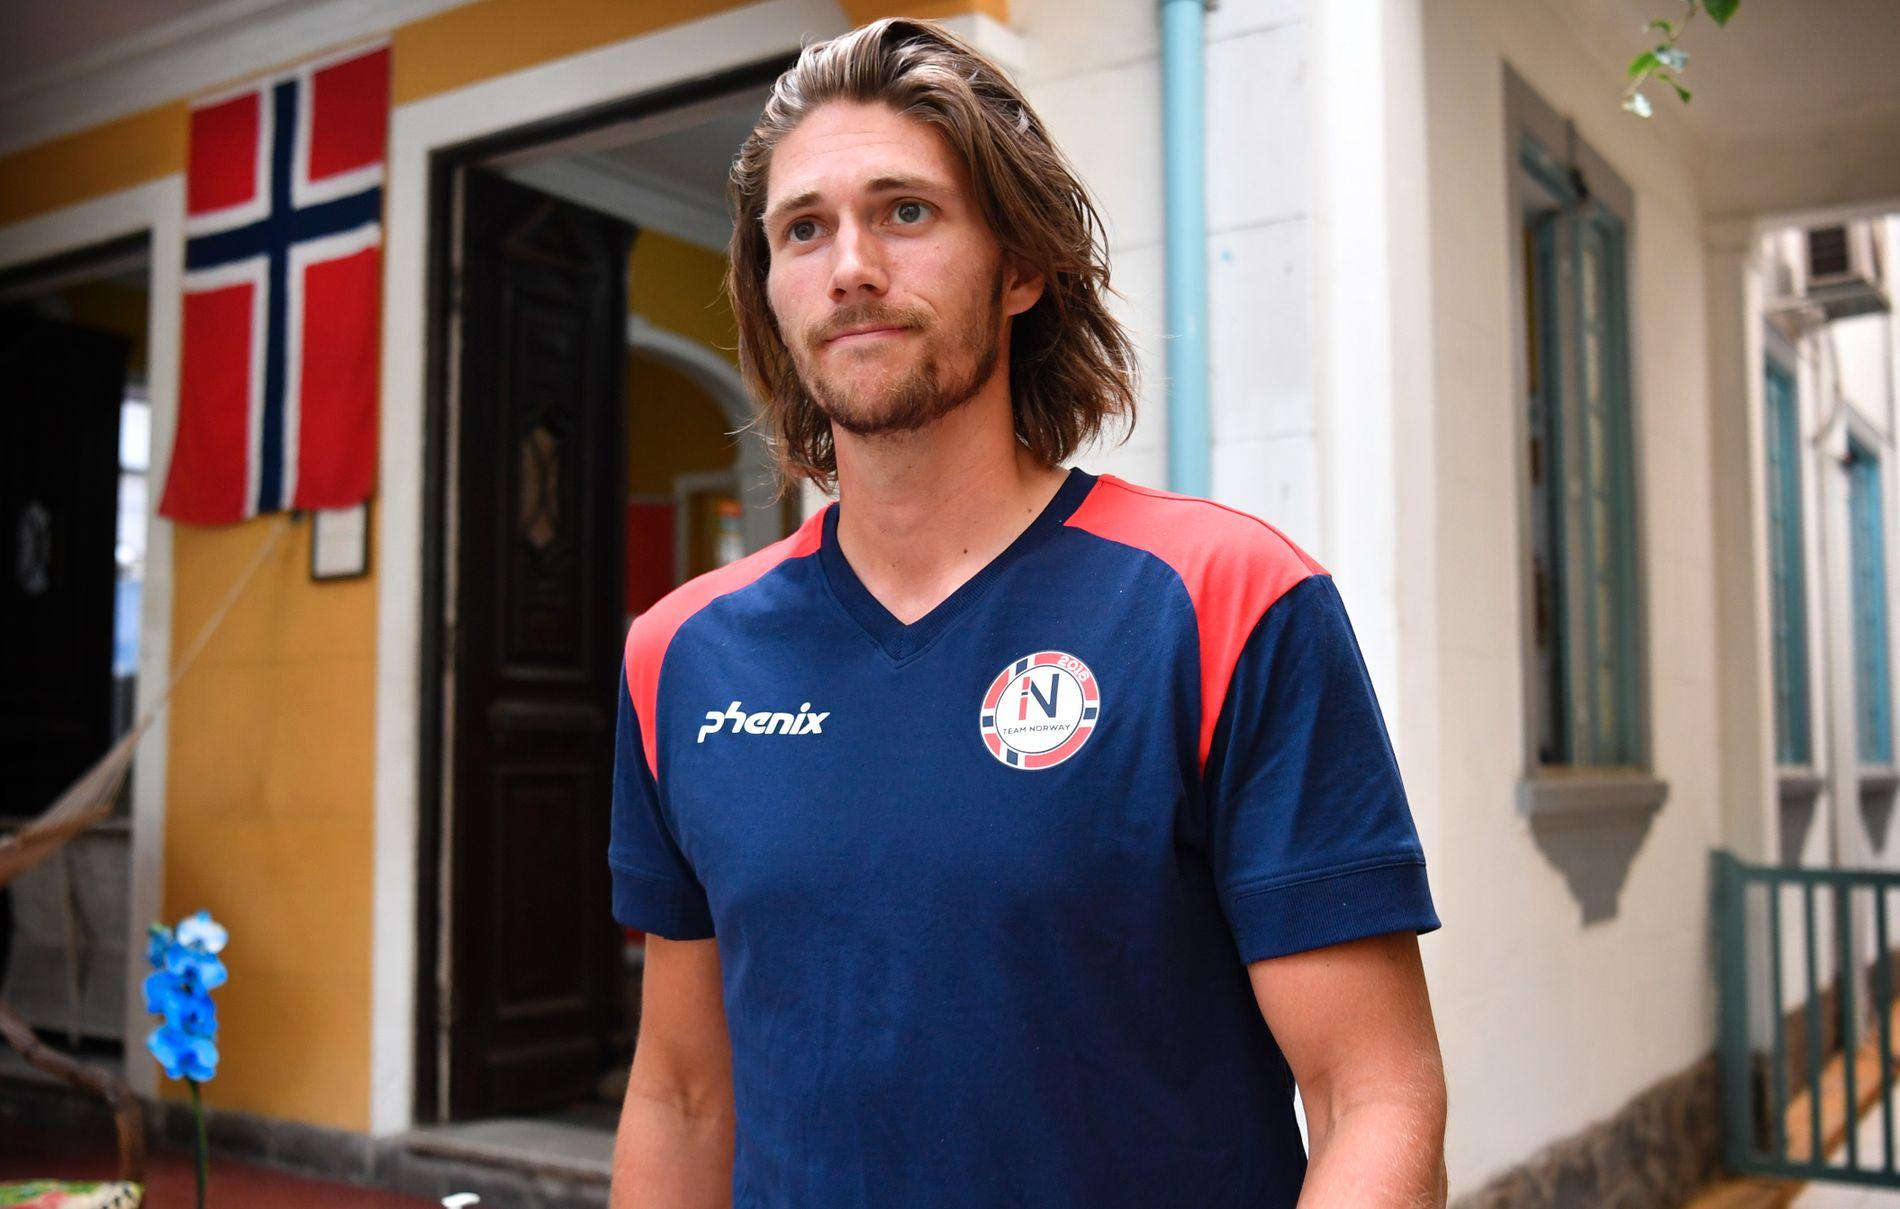 OL-ROER: Nils Jakob Hoff var med i singlesculler i Rio-OL for ett år siden. Nå skal han være med i dobbeltfirer i VM i Florida.